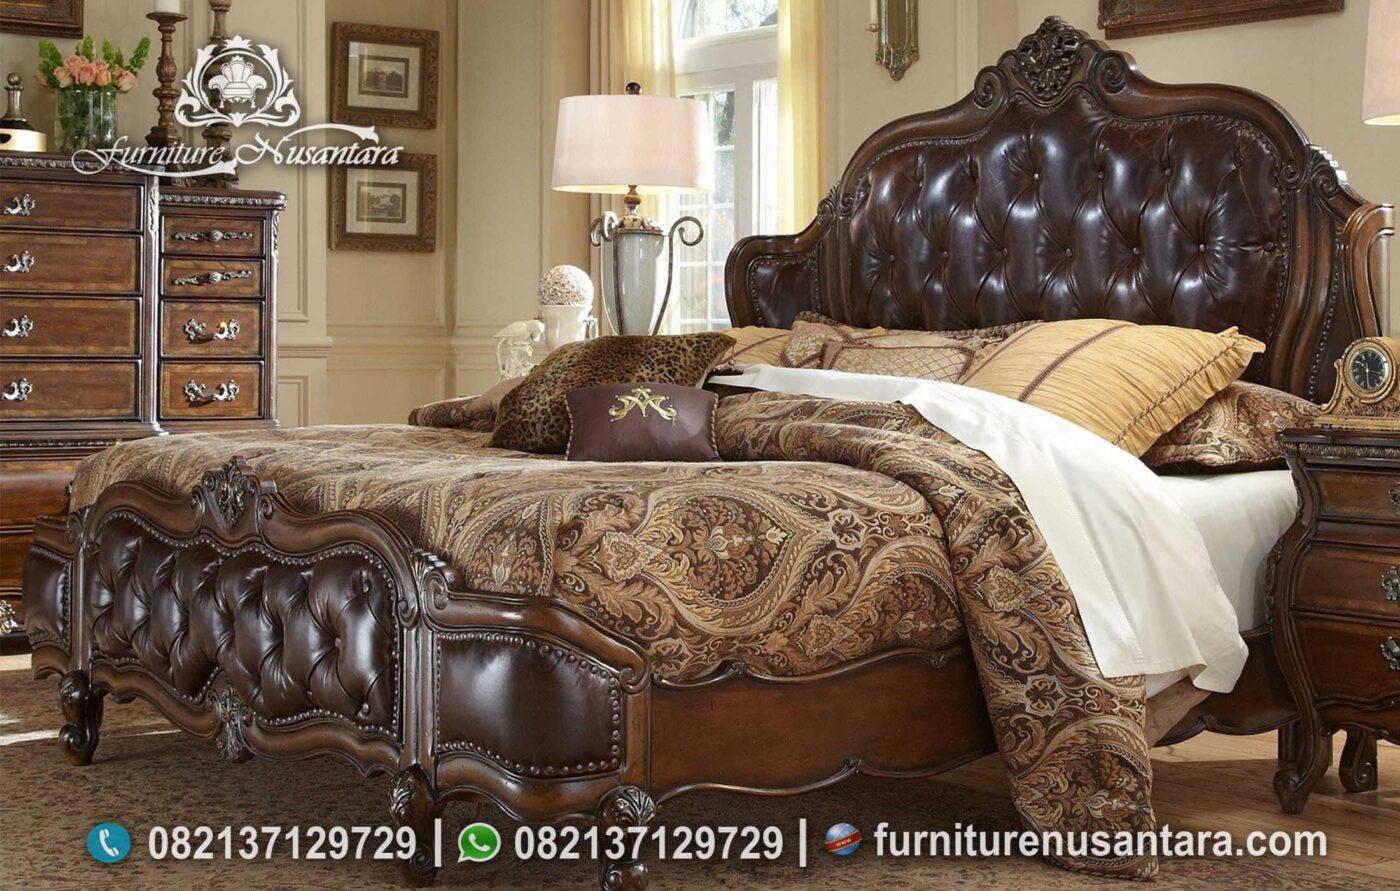 Jual Kamar Set Jati KS-46, Furniture Nusantara